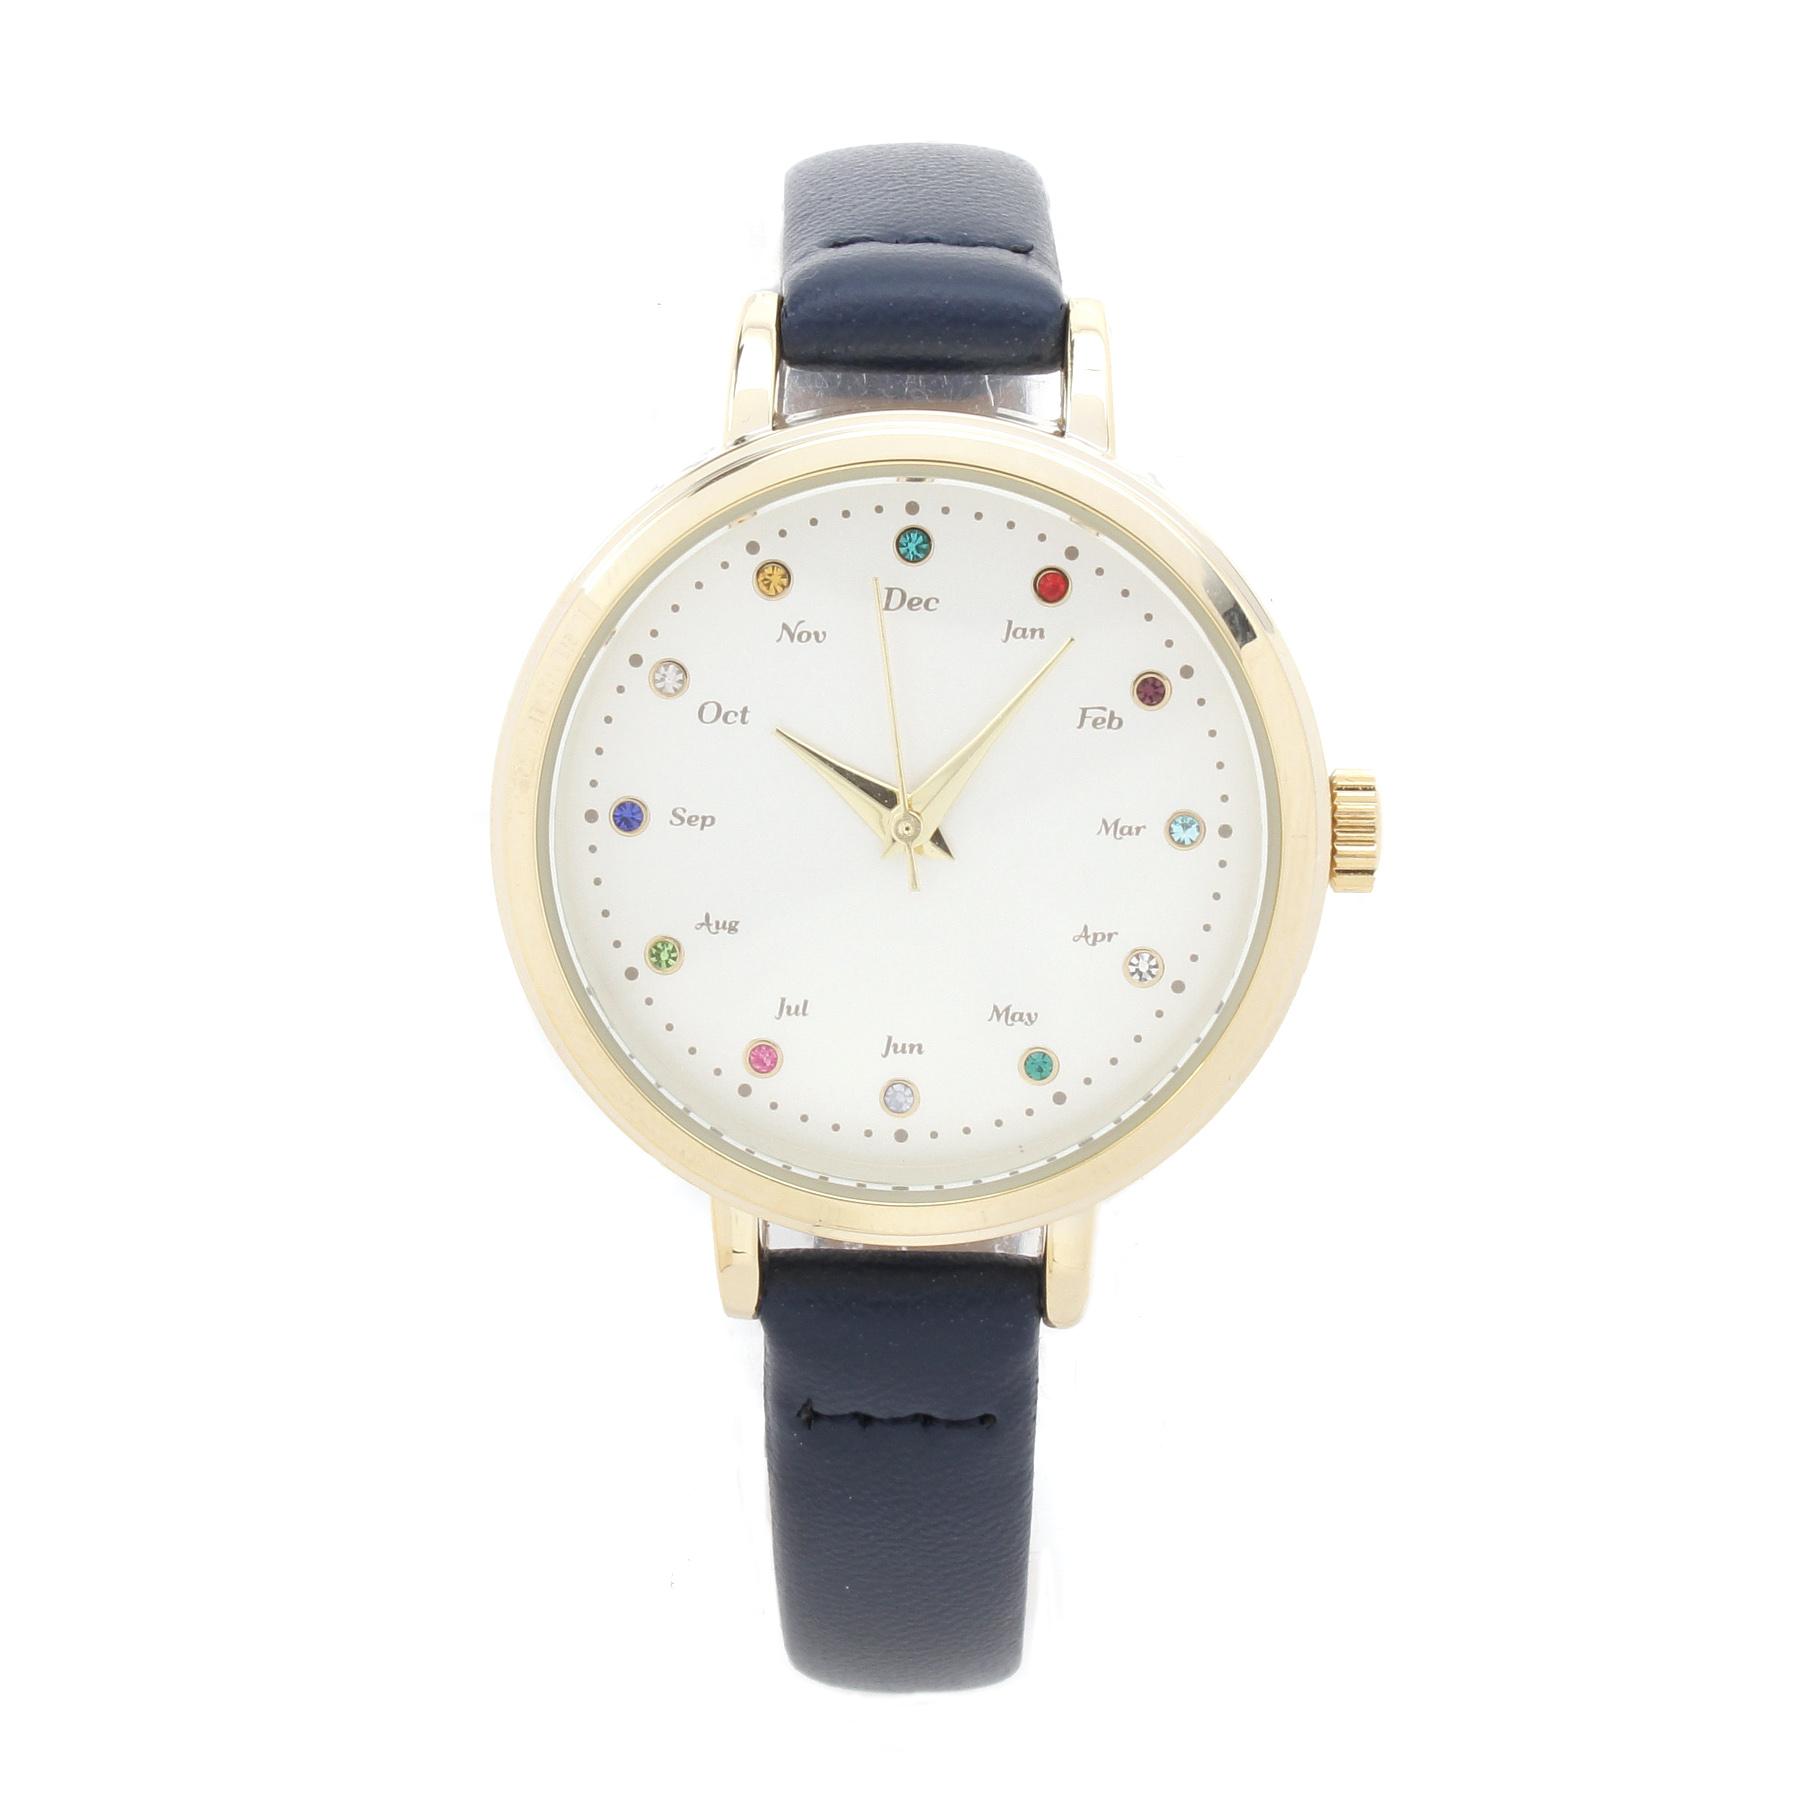 【passage mignon (パサージュ ミニョン)】誕生石カラーストーンウォッチレディース 雑貨|腕時計 ネイビー